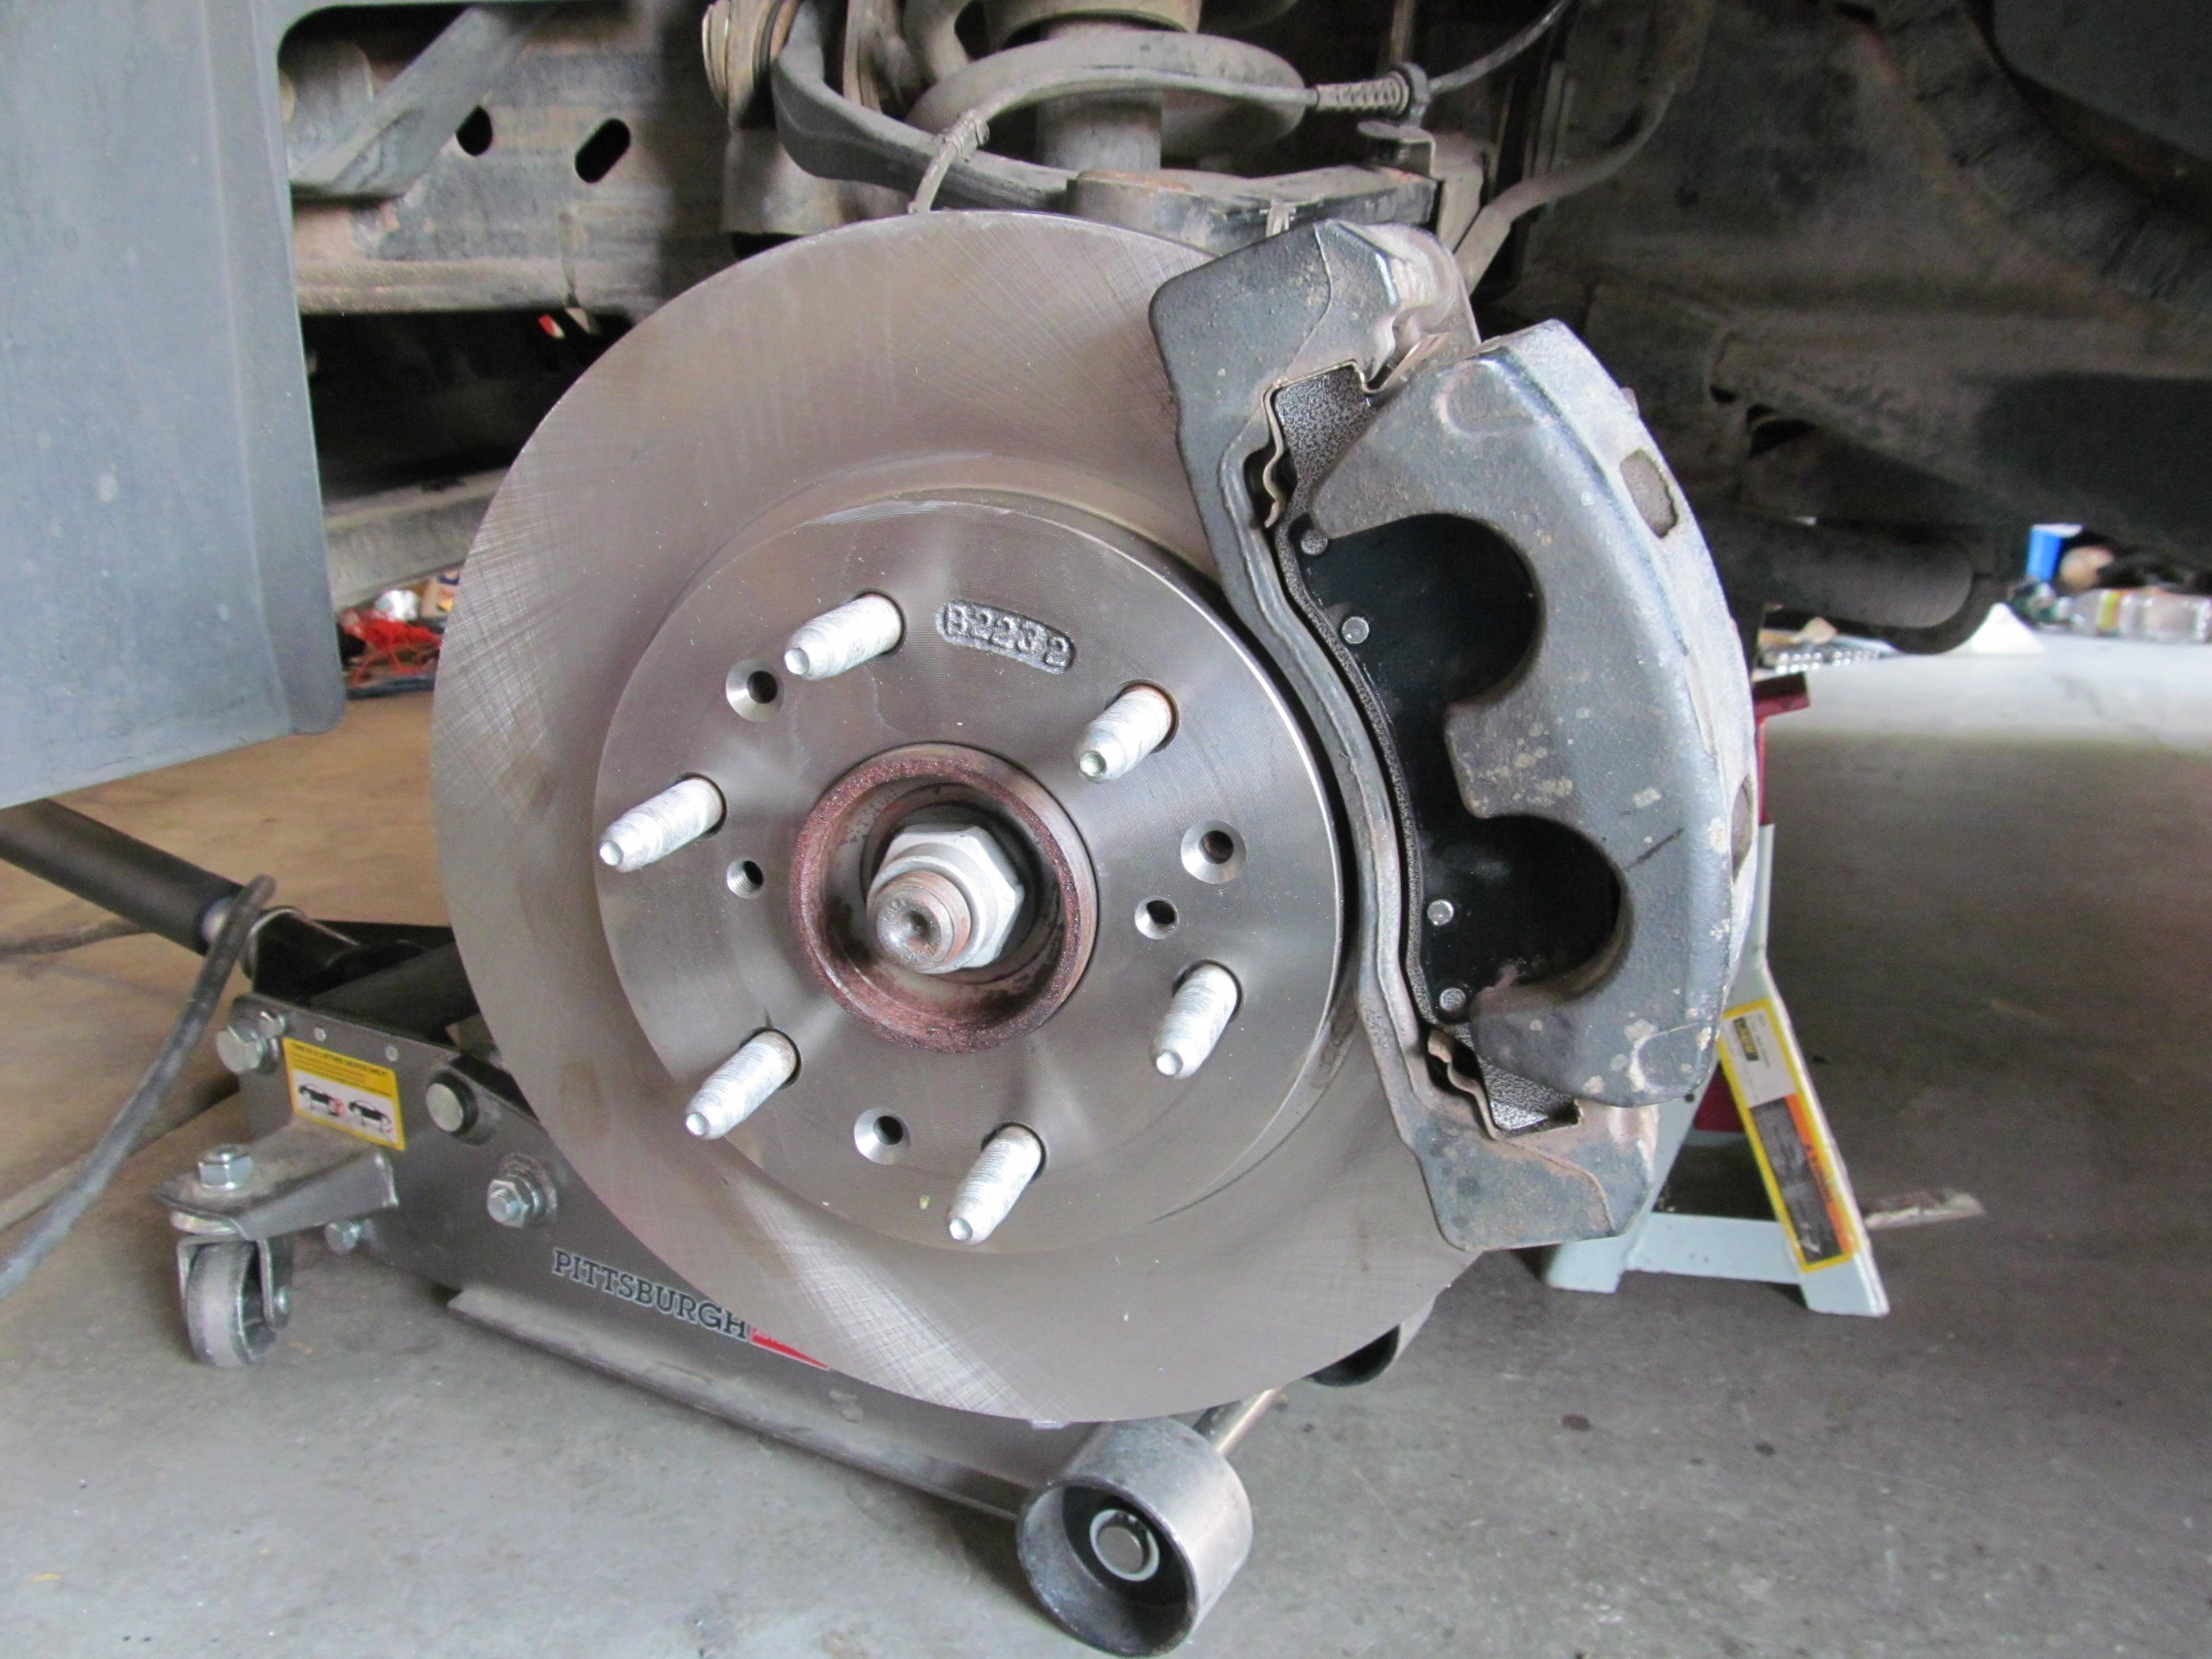 Get rid of steering wheel shake when braking.